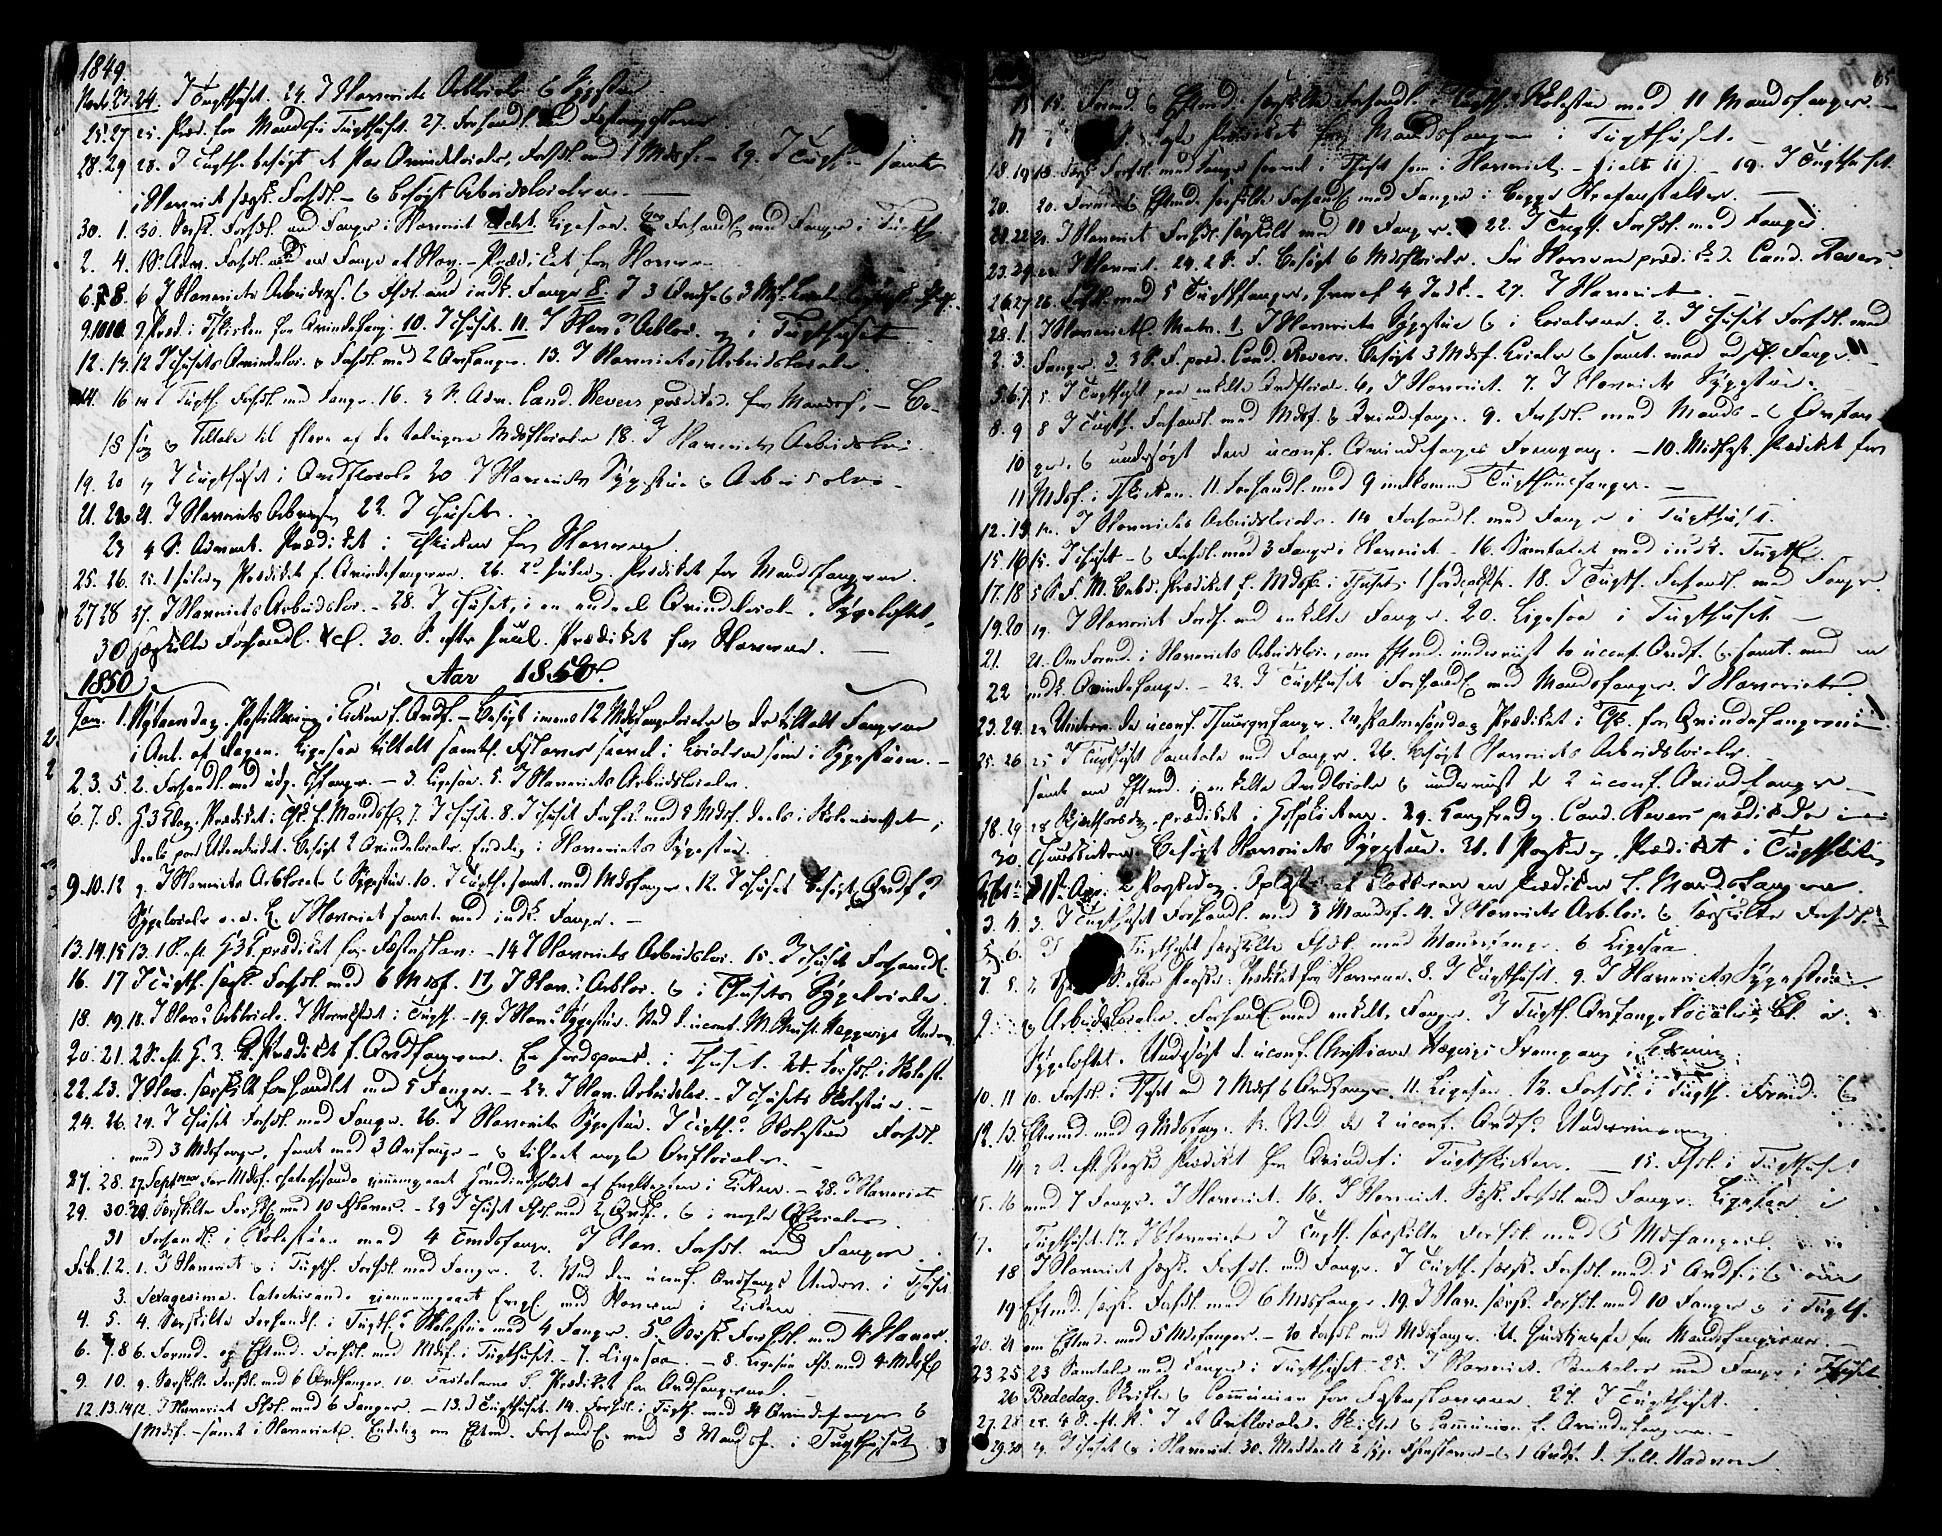 SAT, Ministerialprotokoller, klokkerbøker og fødselsregistre - Sør-Trøndelag, 624/L0480: Ministerialbok nr. 624A01, 1841-1864, s. 65